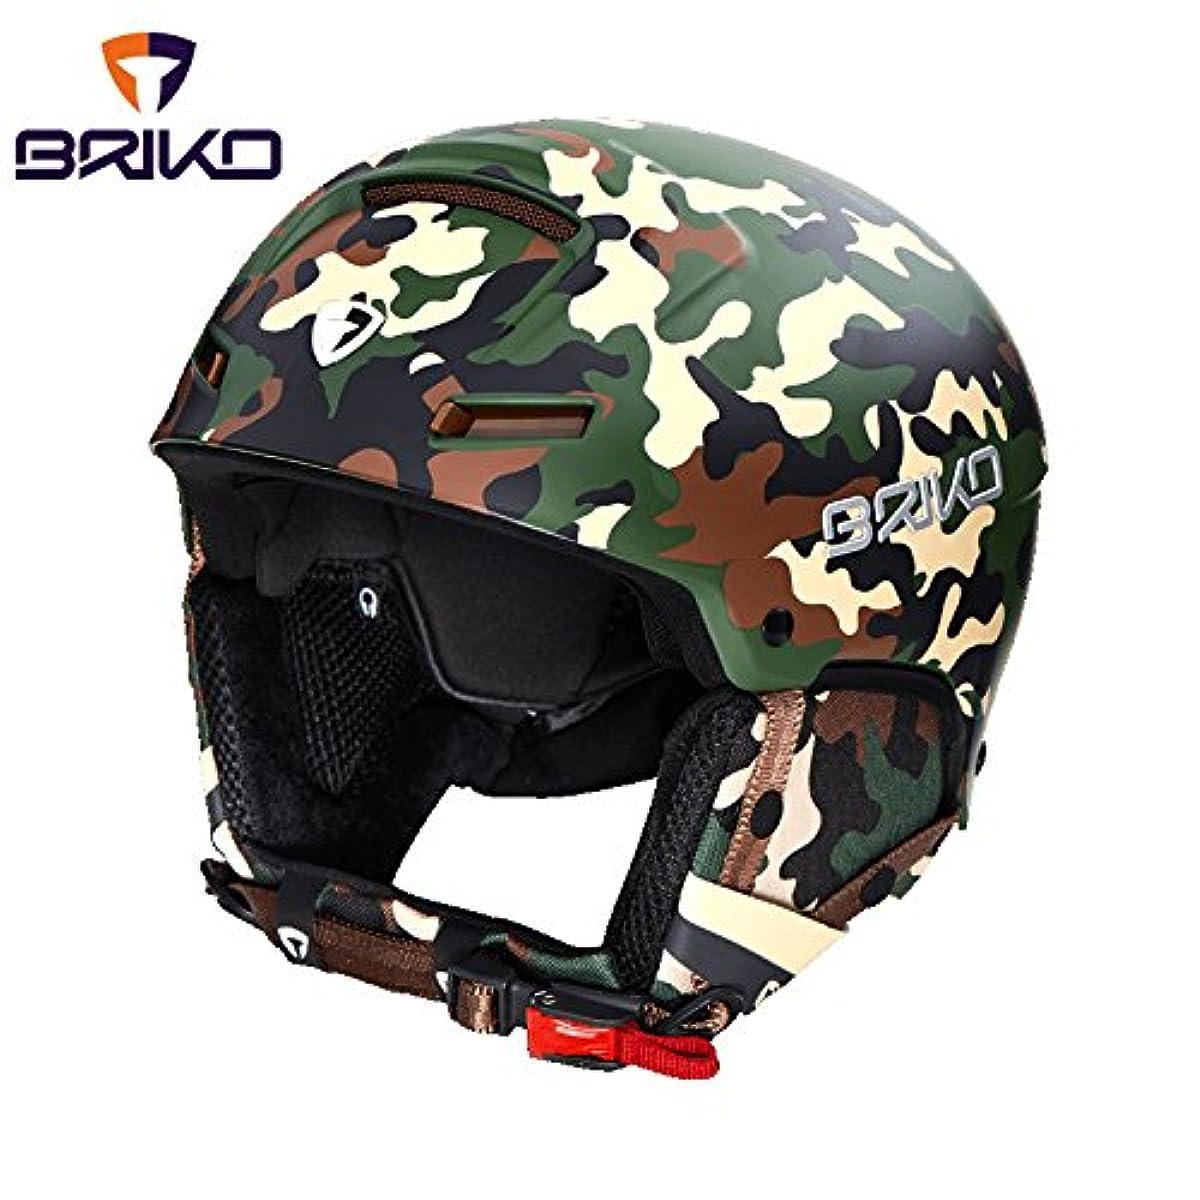 [해외] BRIKO FAITO 스키 헬멧 20001M0 A65(매트 군대 카모)- (SIZE:M-L)